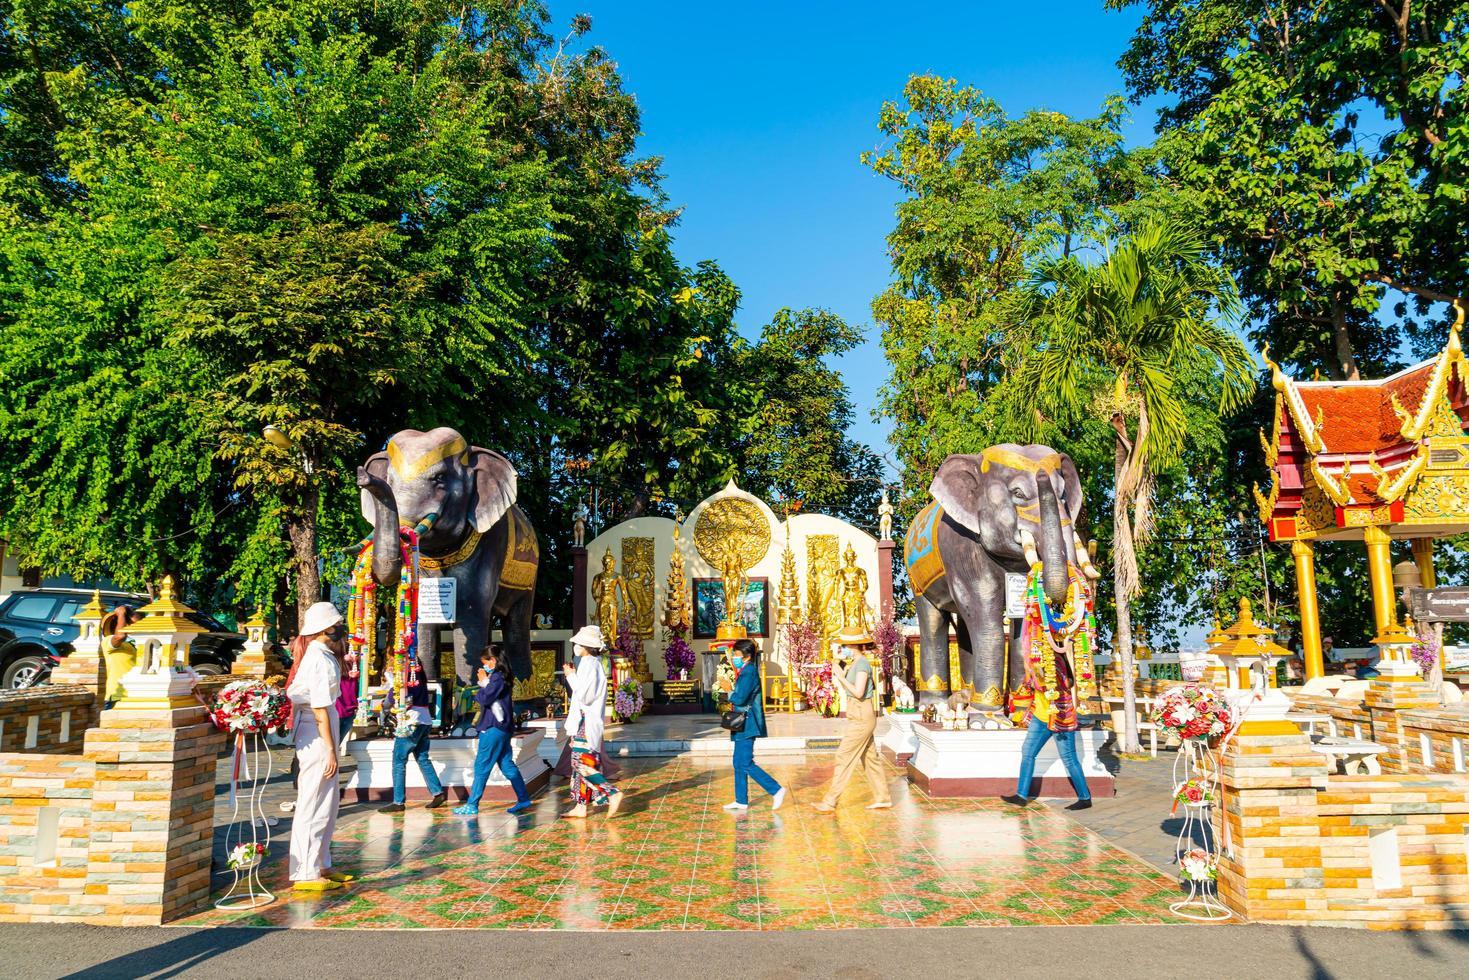 Chiang Mai, Thailand - 6 dec 2020 - utsikt över Wat Phra som Doi Khams gyllene tempel i Chiang Mai, Thailand. detta tempel ligger uppe på doi kham-kullen, omgiven av vackra bergslandskap. foto